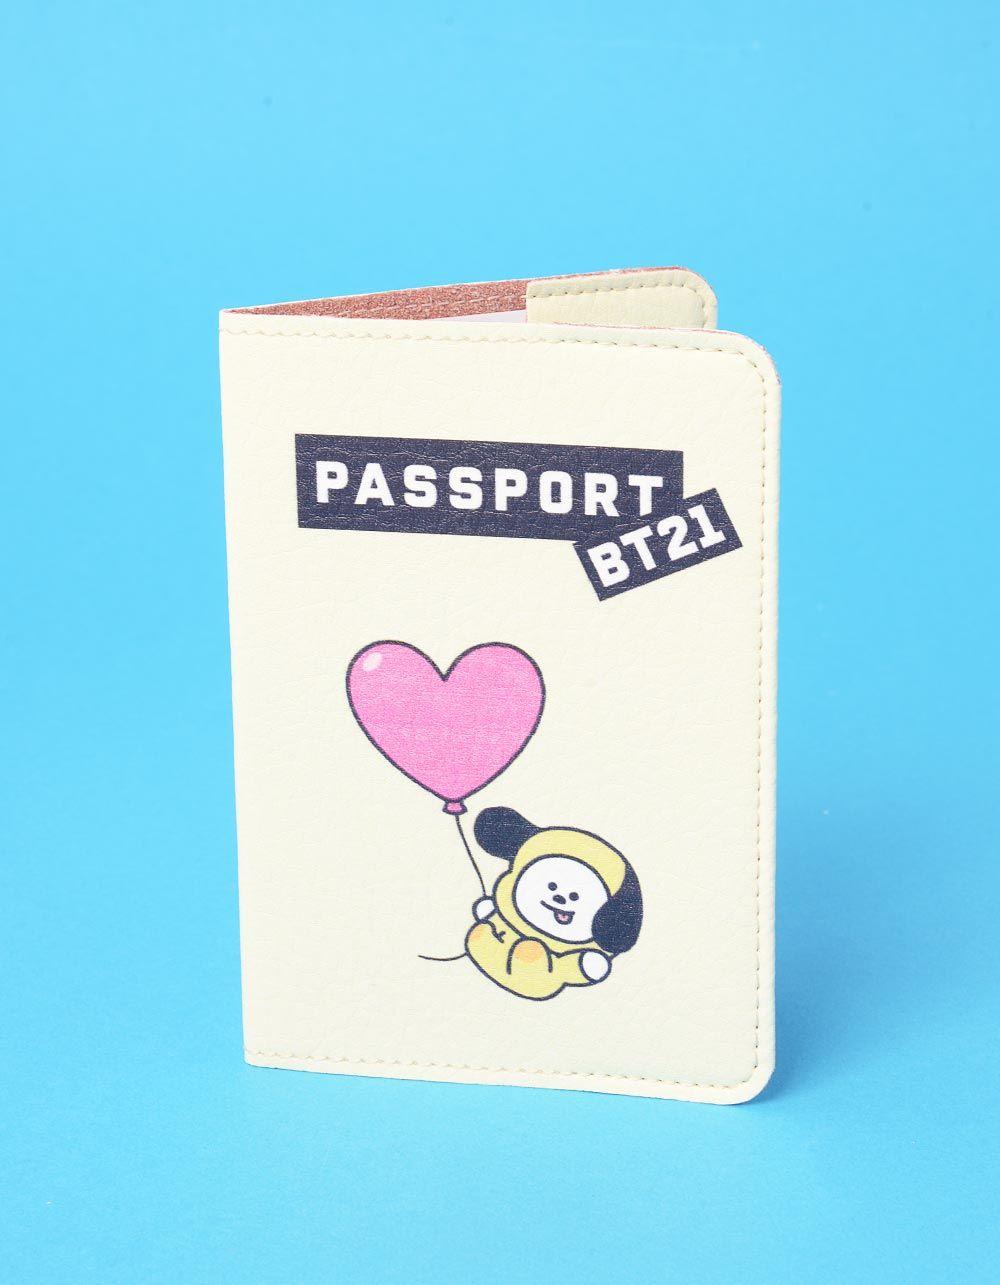 Обкладинка на паспорт з bts bt21 CHIMMY  Чимин   237245-42-XX